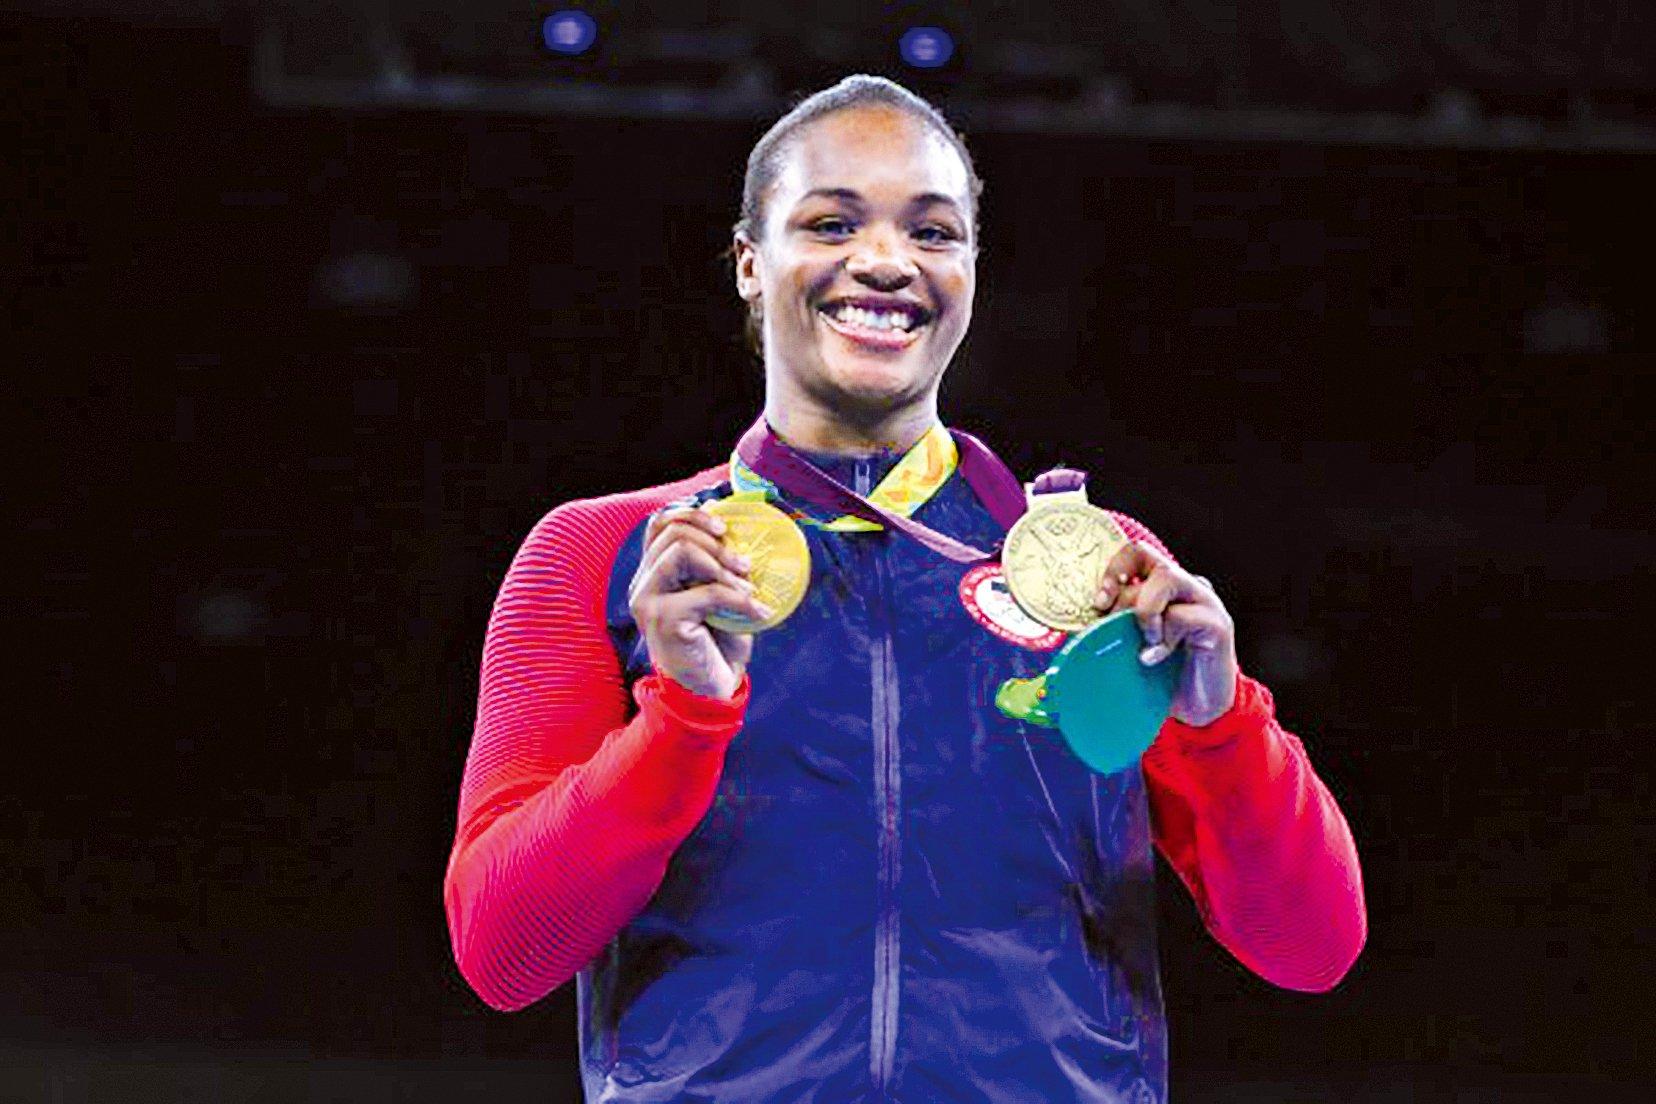 美國中量級女子拳擊選手席爾茲(圖)21日在里約奧運順利衛冕金牌後表示,希望能鼓舞全美各地被踐踏的一代年輕人。(Alex Livesey/Getty Images)